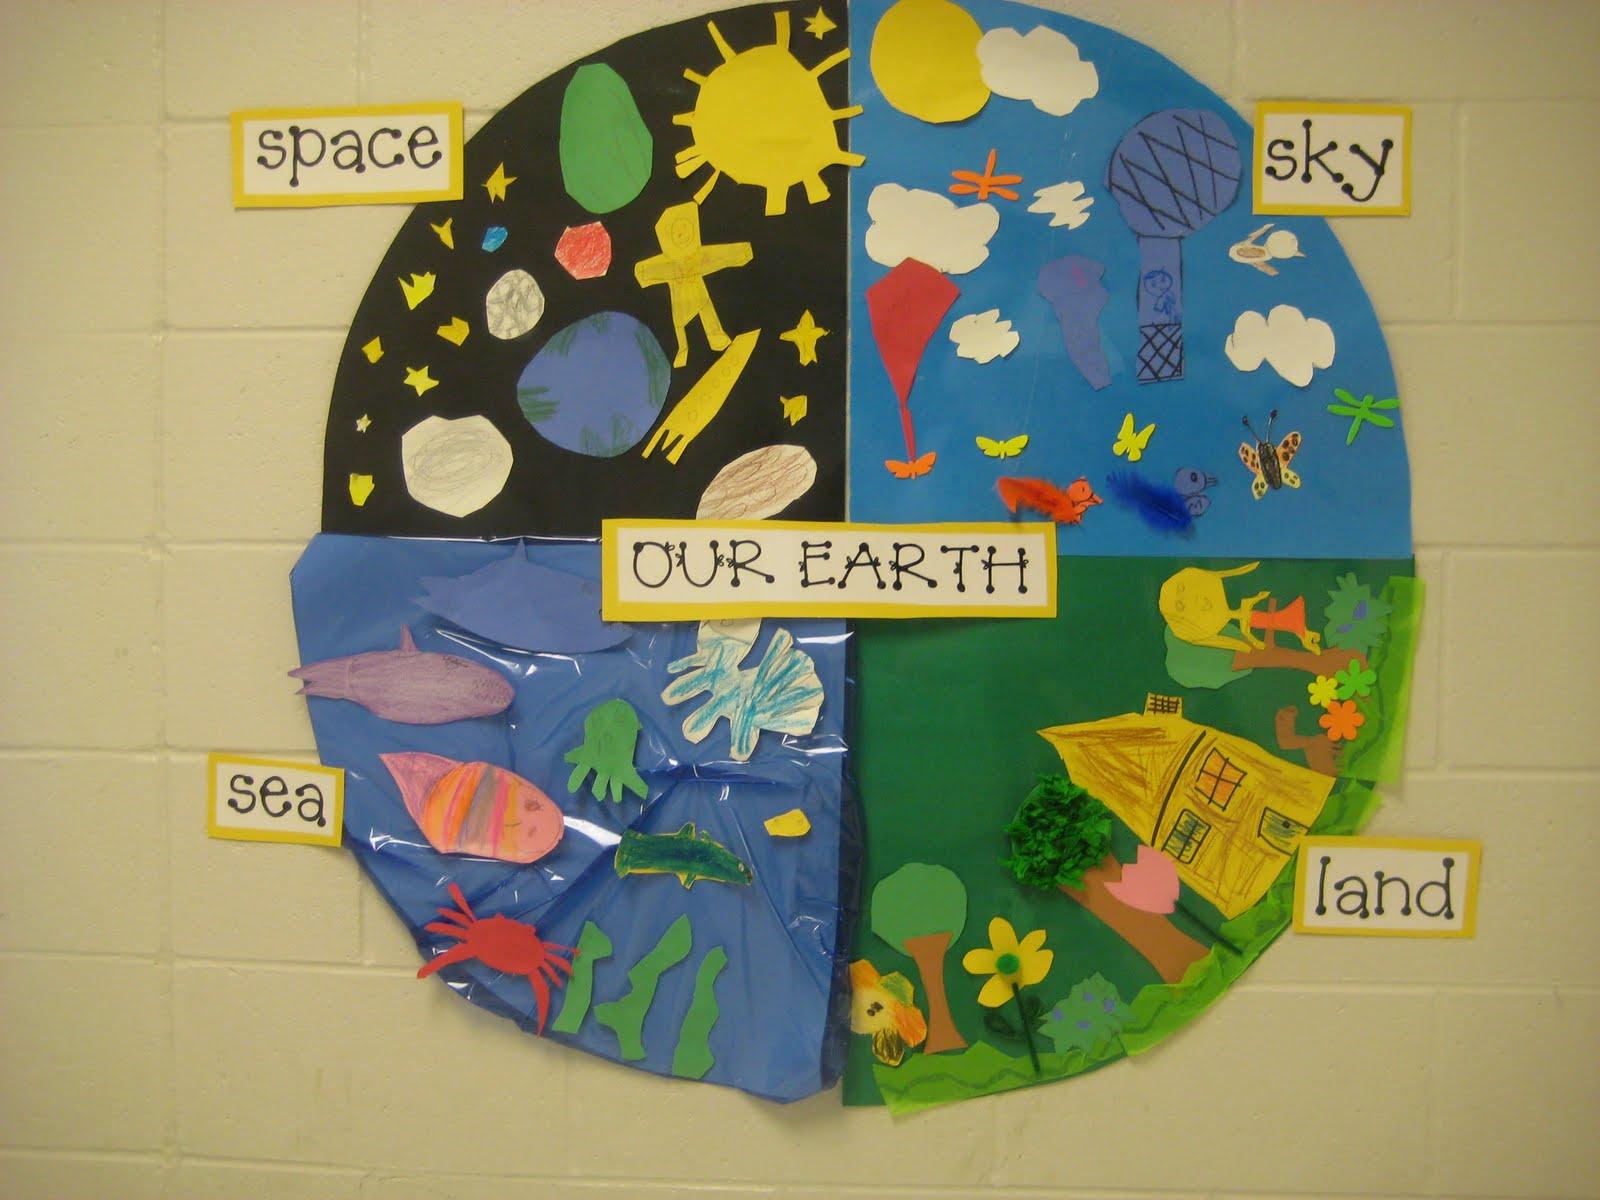 Kinder Garden Earth Week Activities